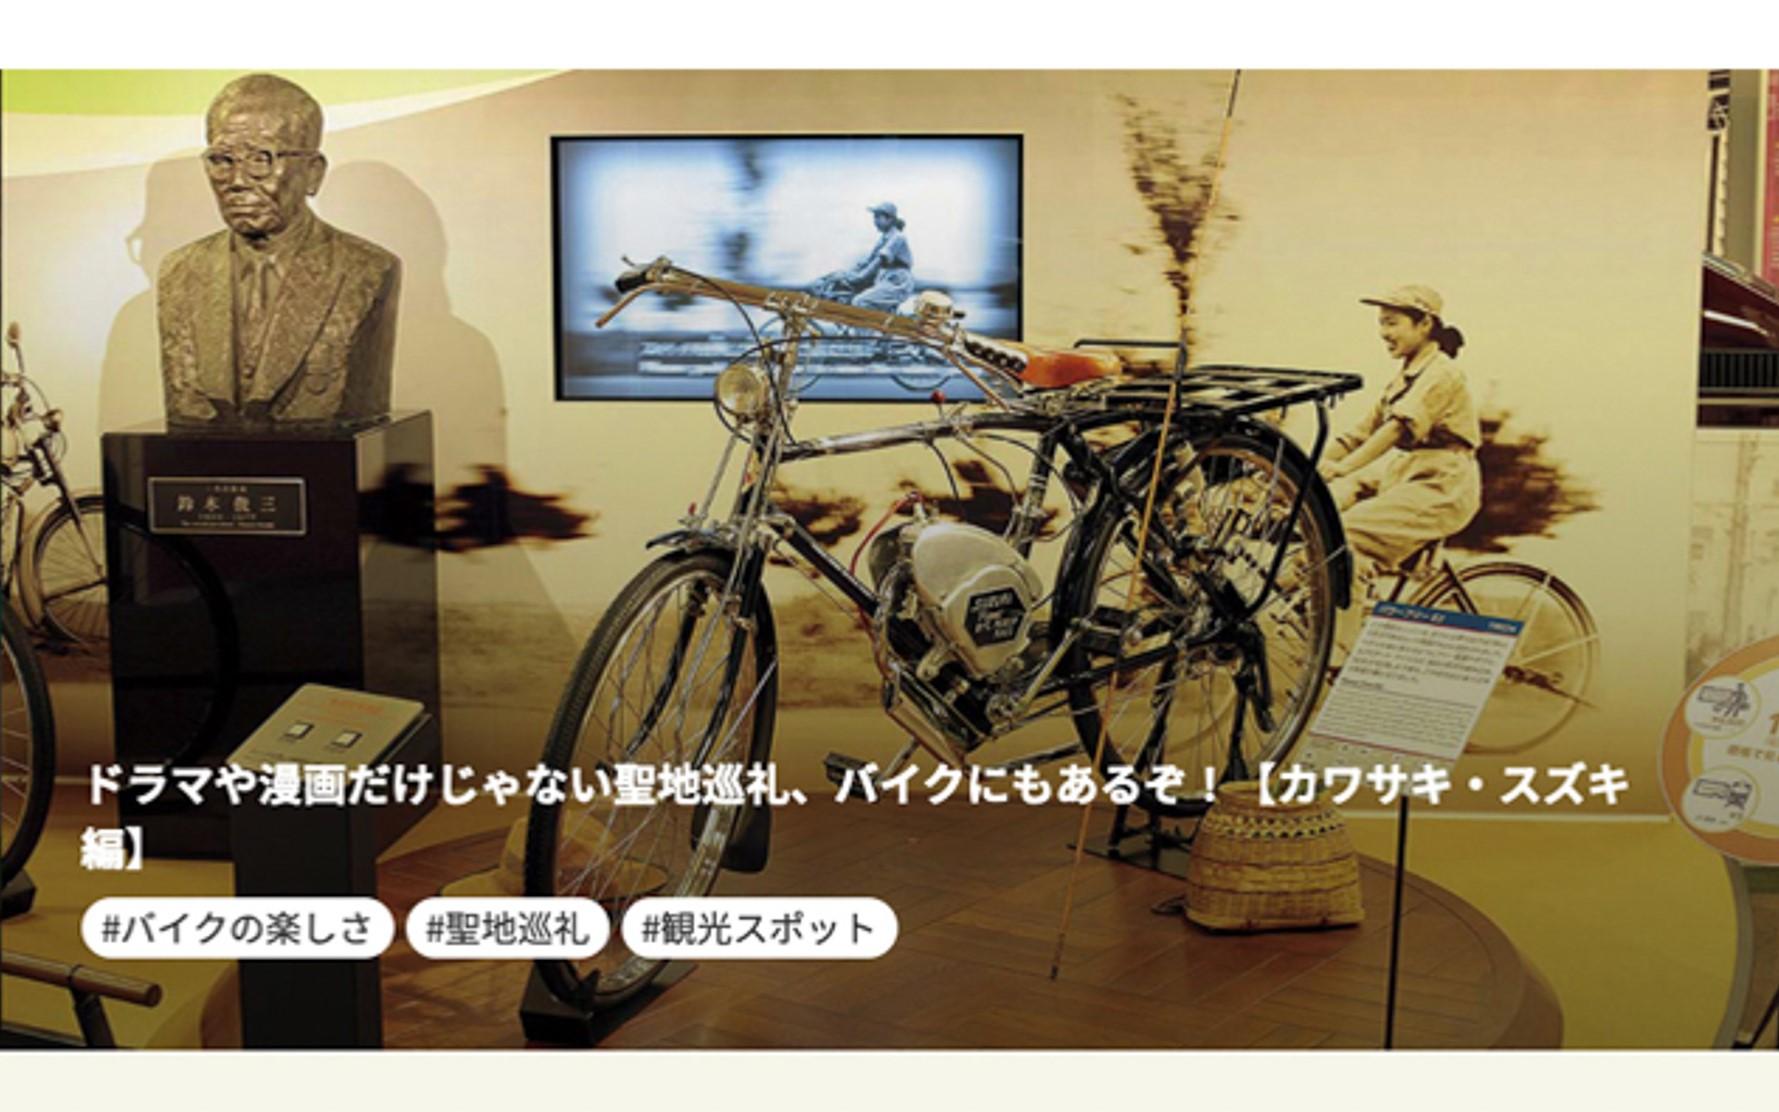 モトインフォでは二輪車を楽しむための情報が発信されている